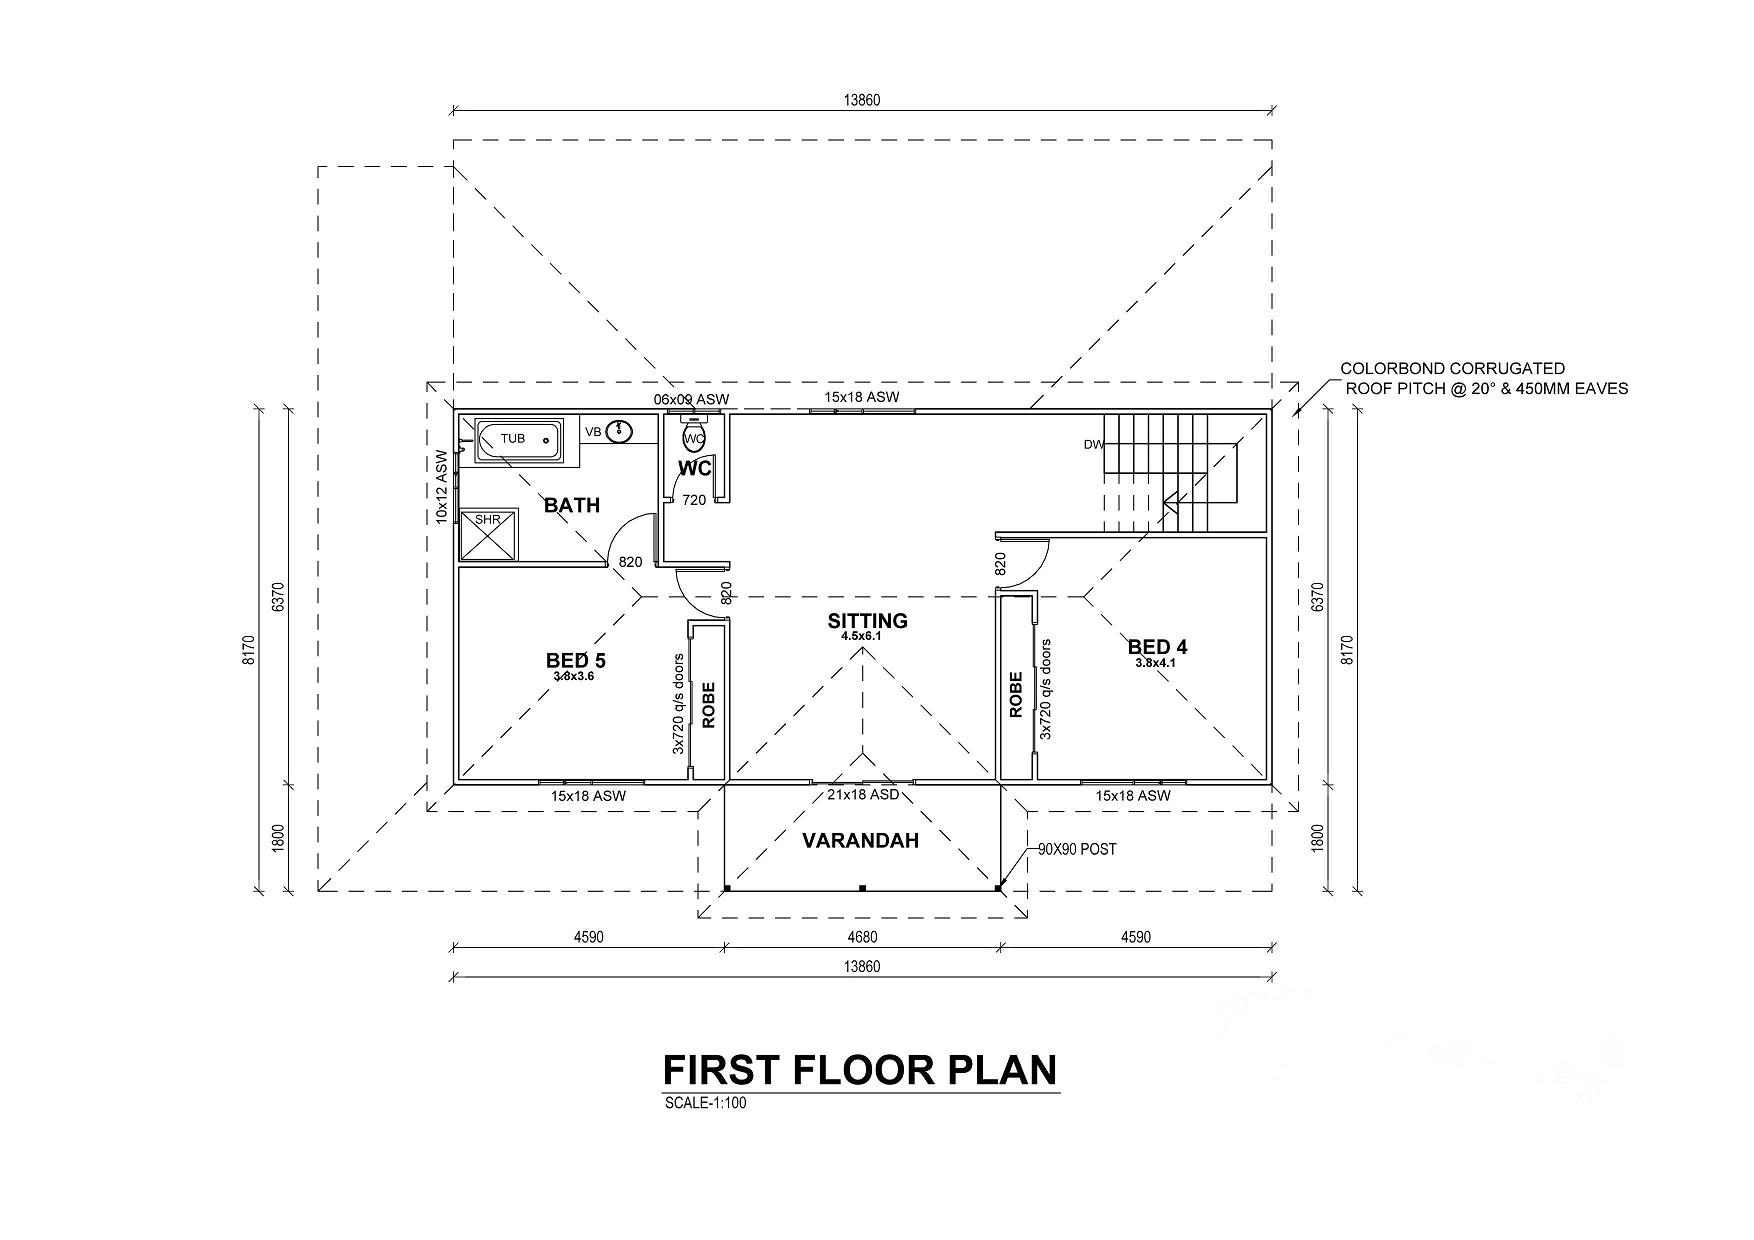 2 Story Kit Home Floor Plan